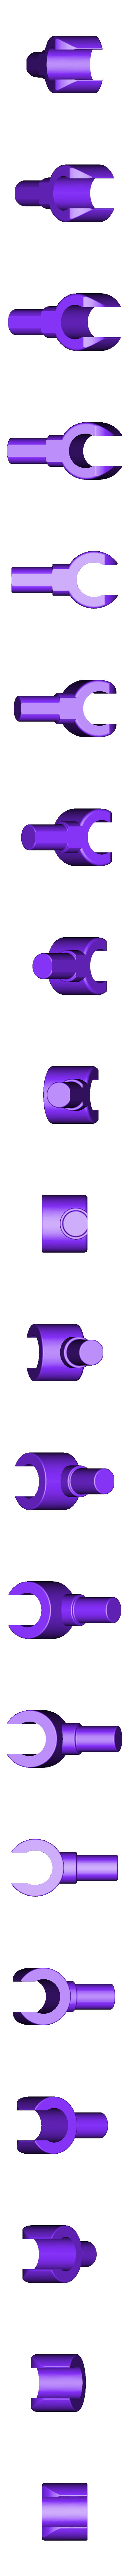 Vador_main.stl Télécharger fichier STL gratuit Dark Vador géant Porte-légo en papier toilette • Design à imprimer en 3D, laurentpruvot59